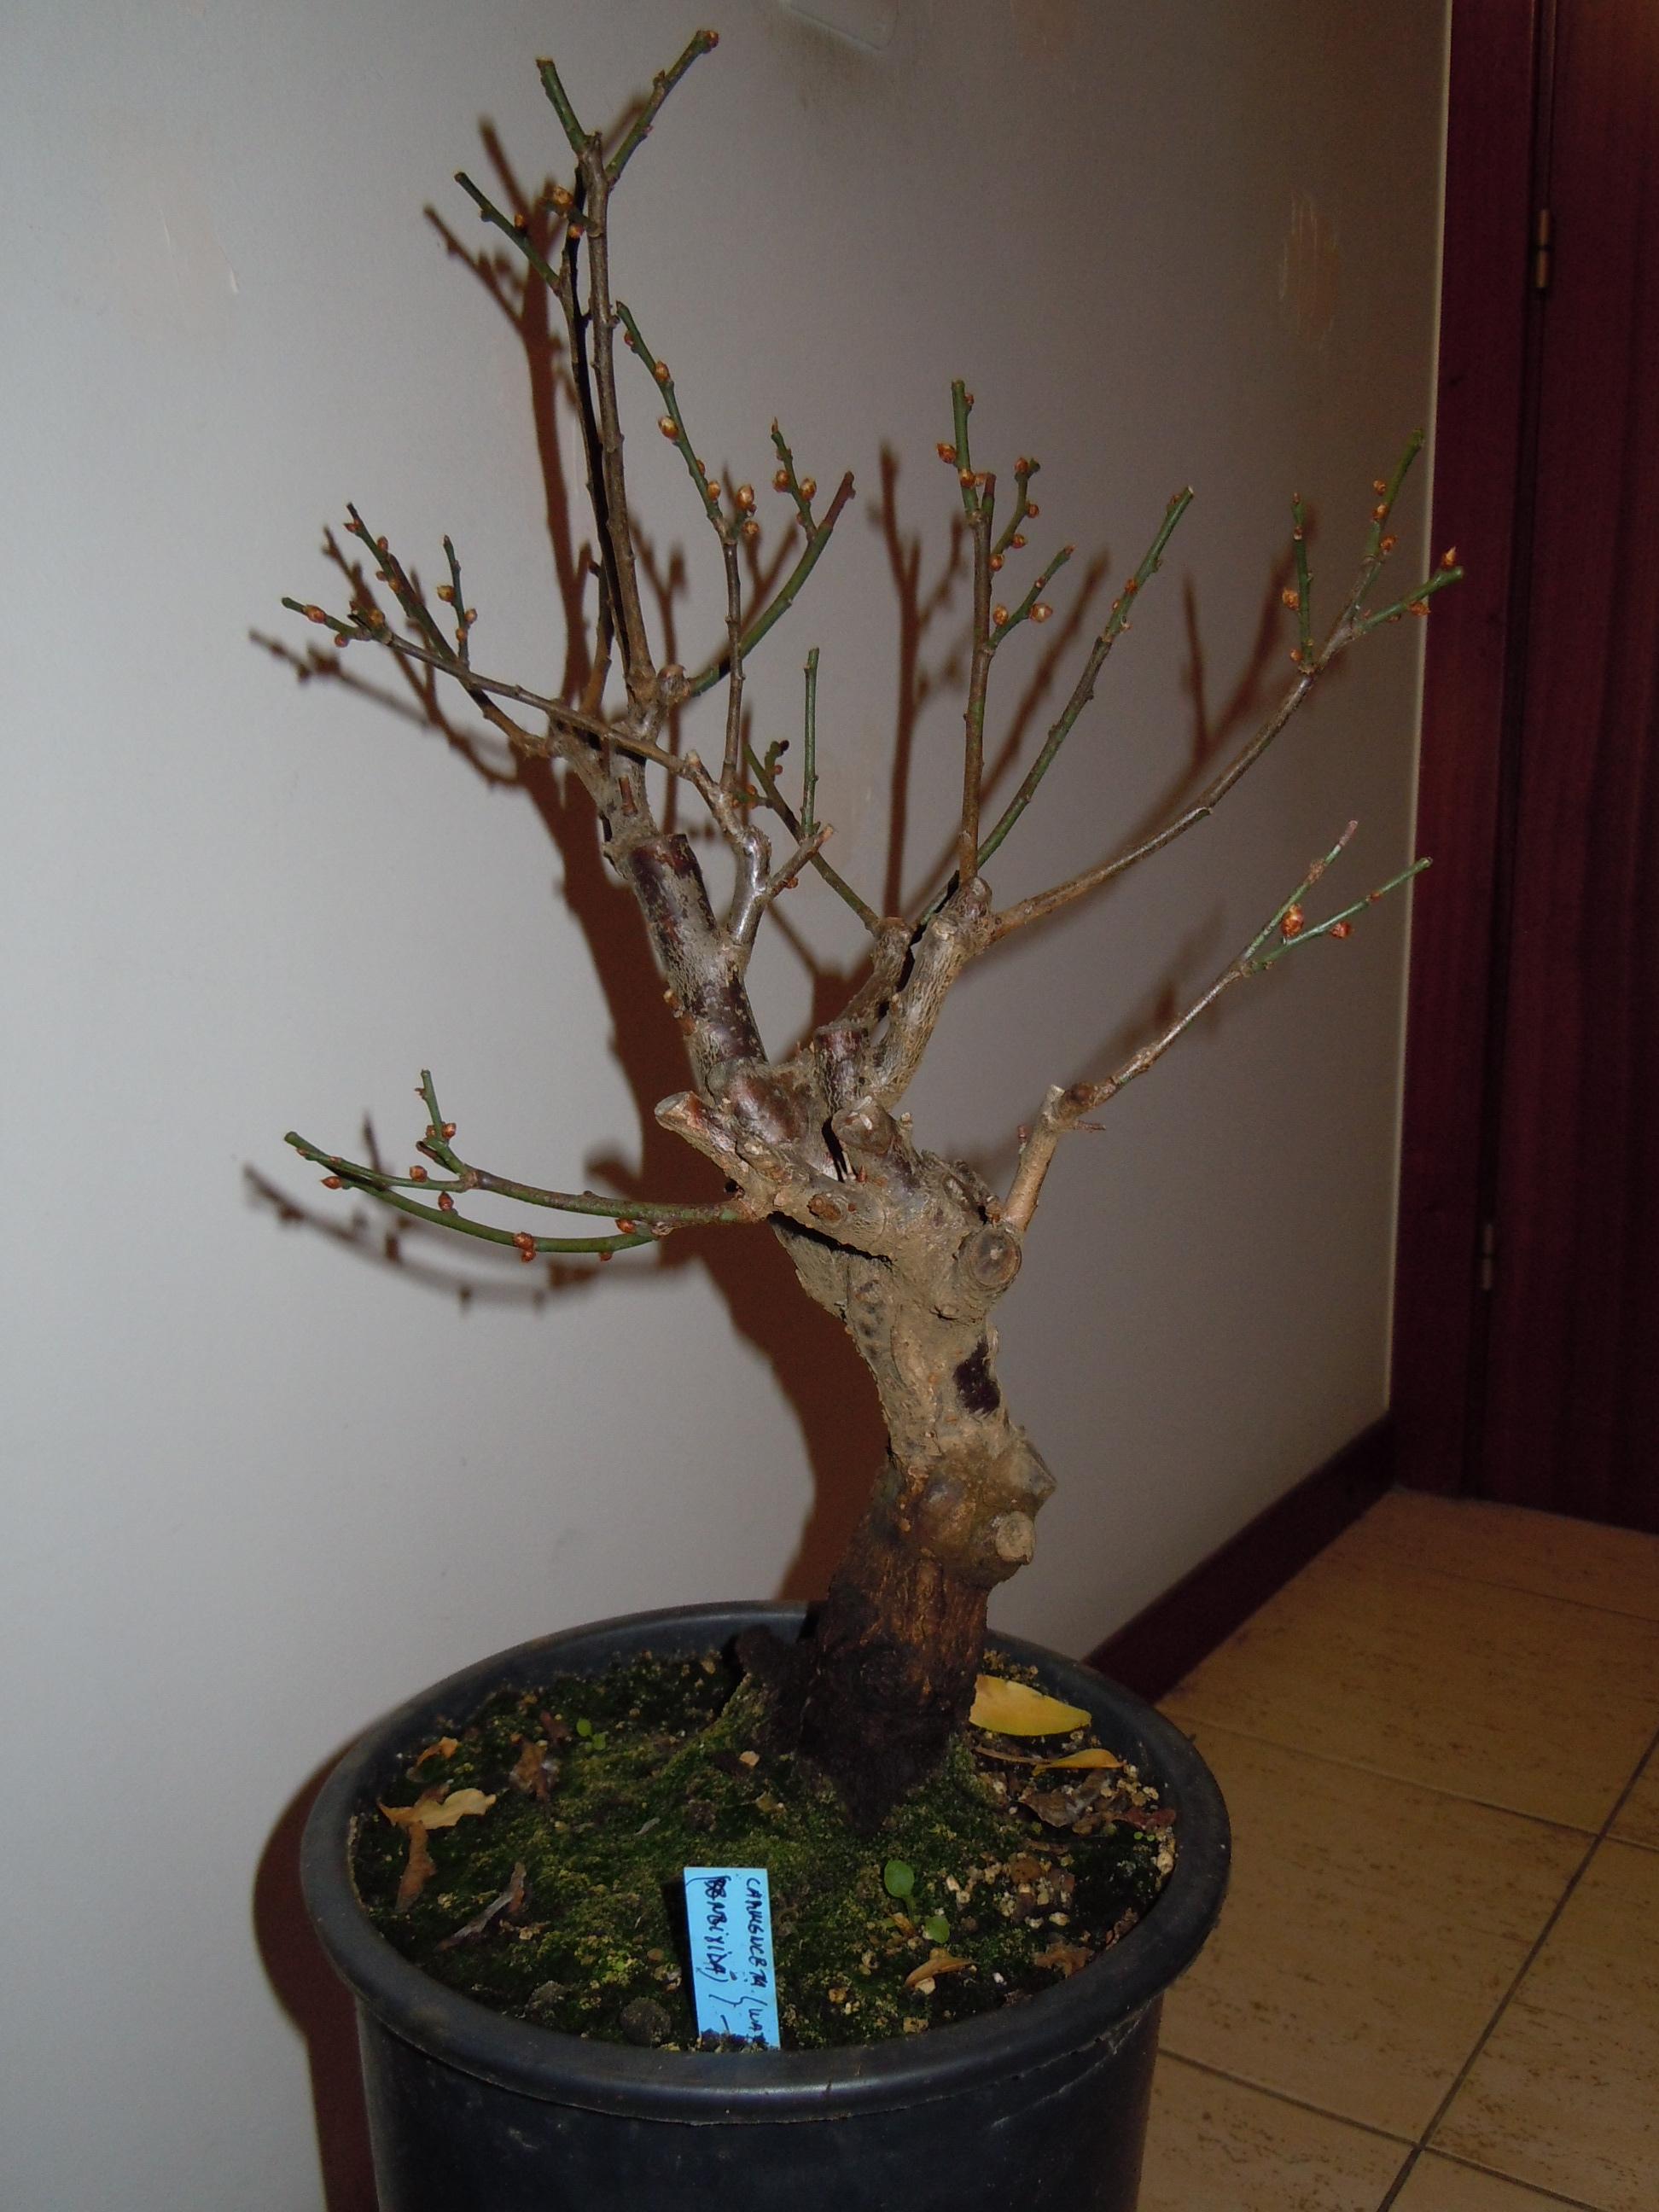 Prunus%20Mume1%202013%20(2).JPG